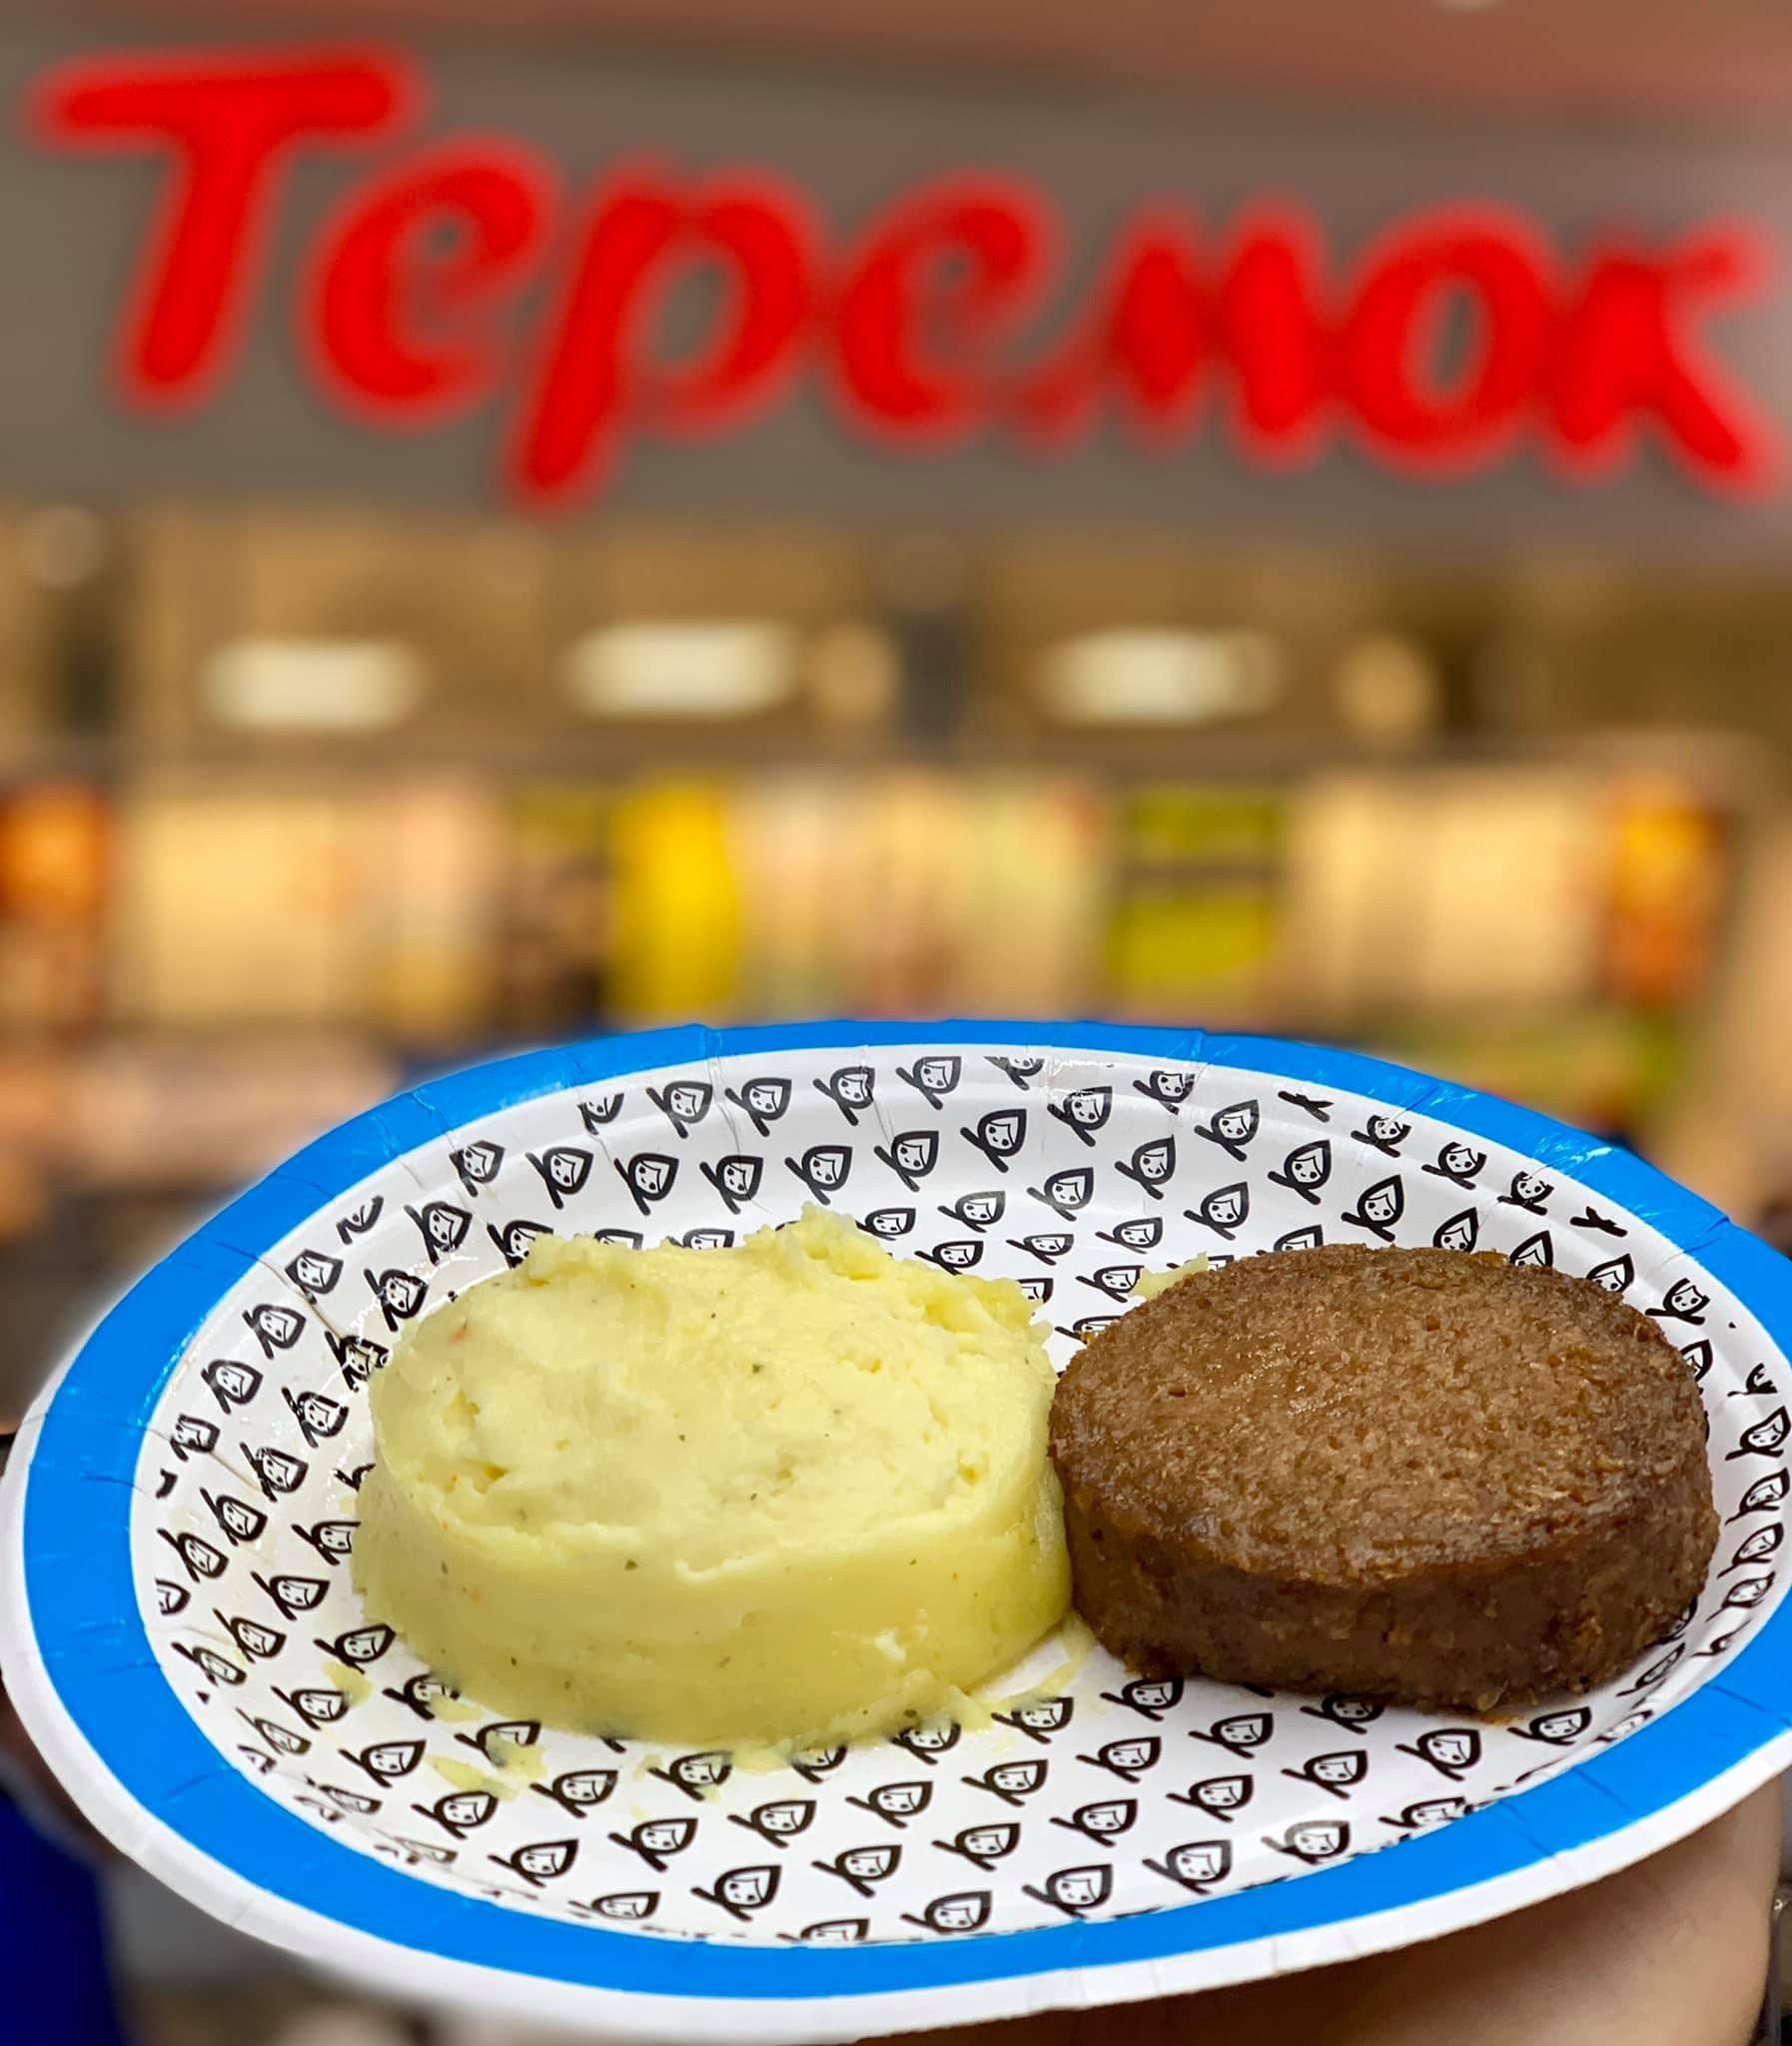 В «Теремке» начнут угощать котлетами из искусственного мяса